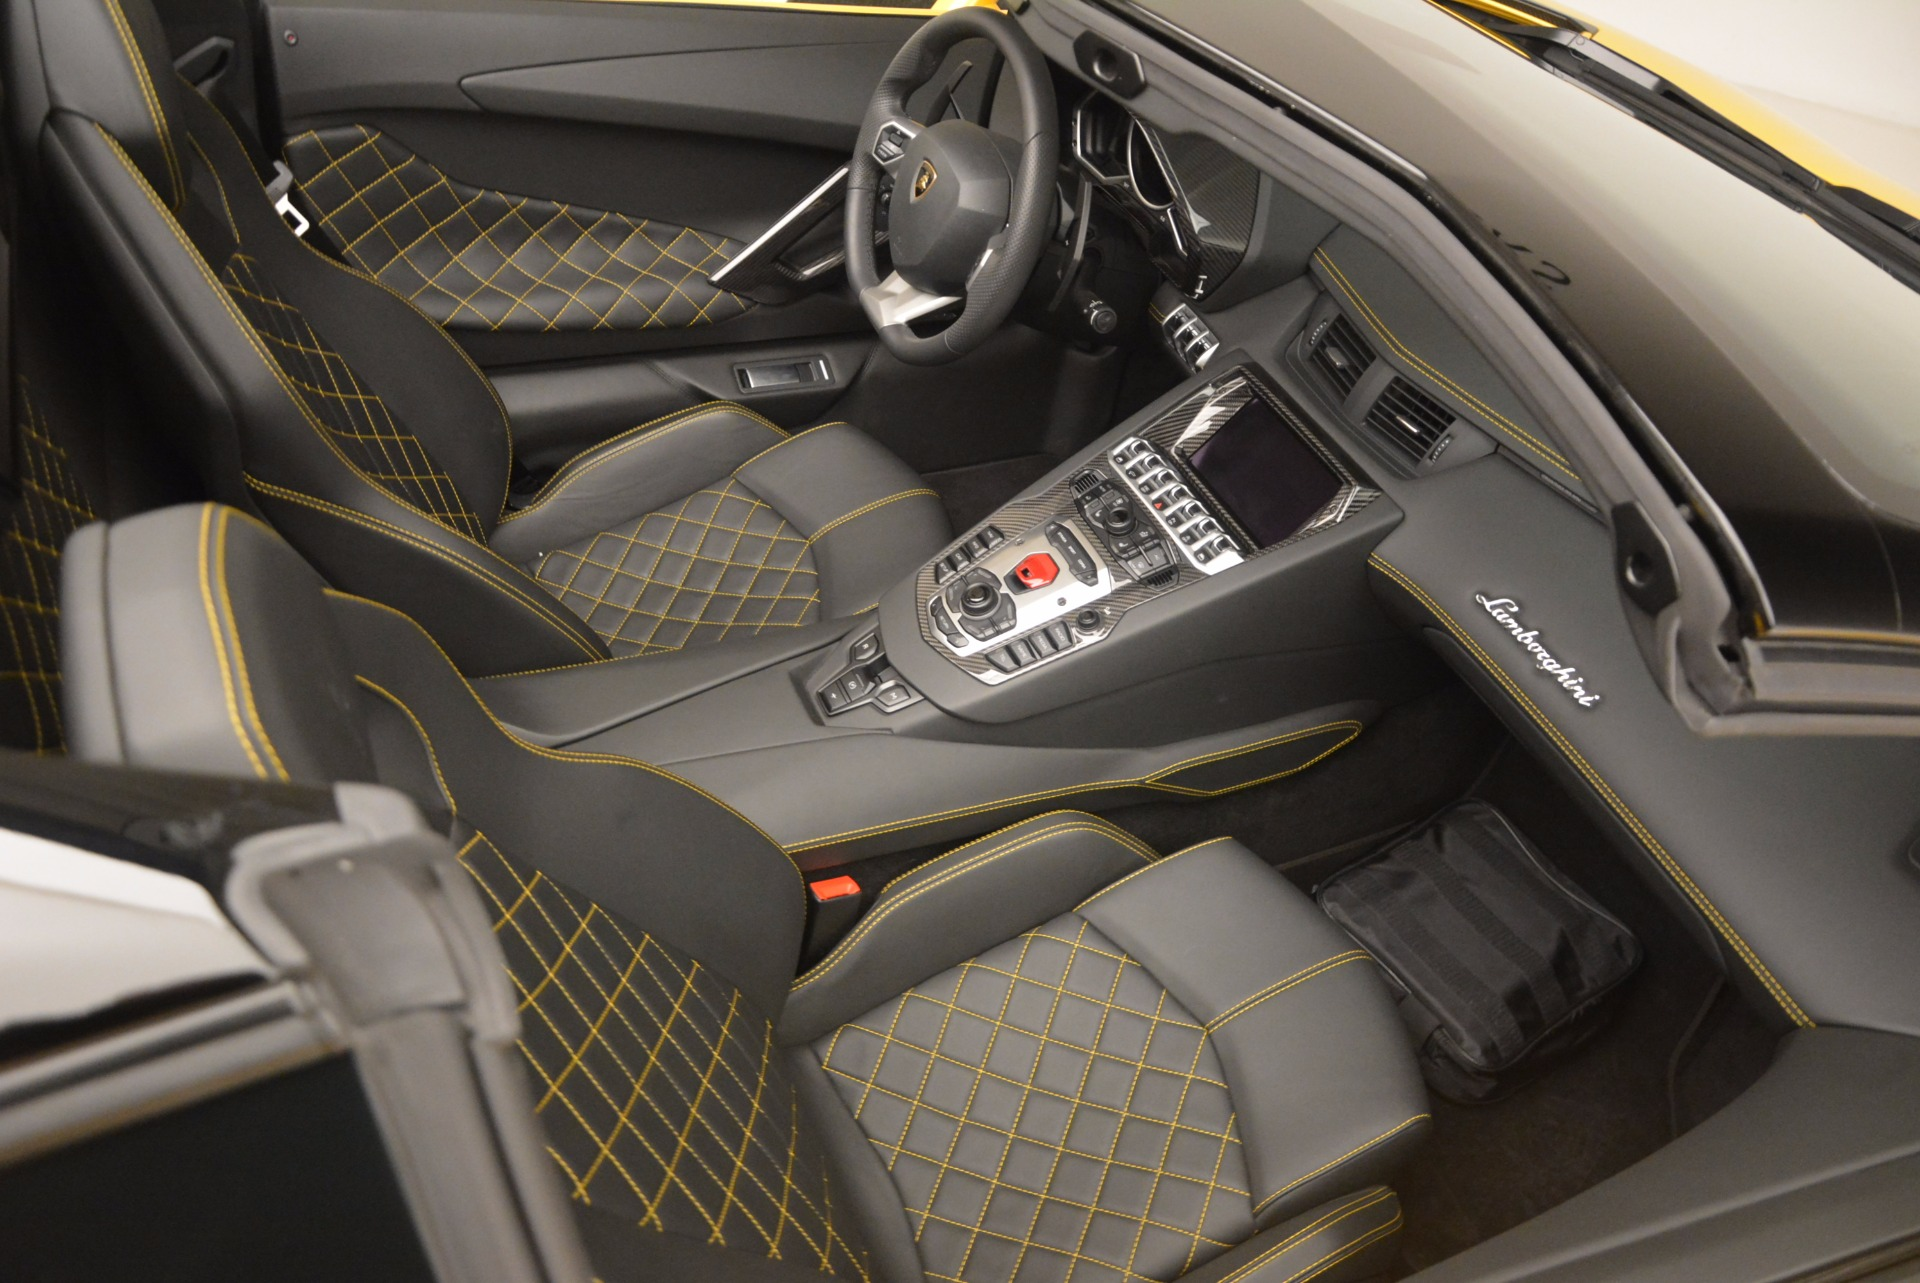 Used 2015 Lamborghini Aventador LP 700-4 Roadster For Sale 0 In Greenwich, CT